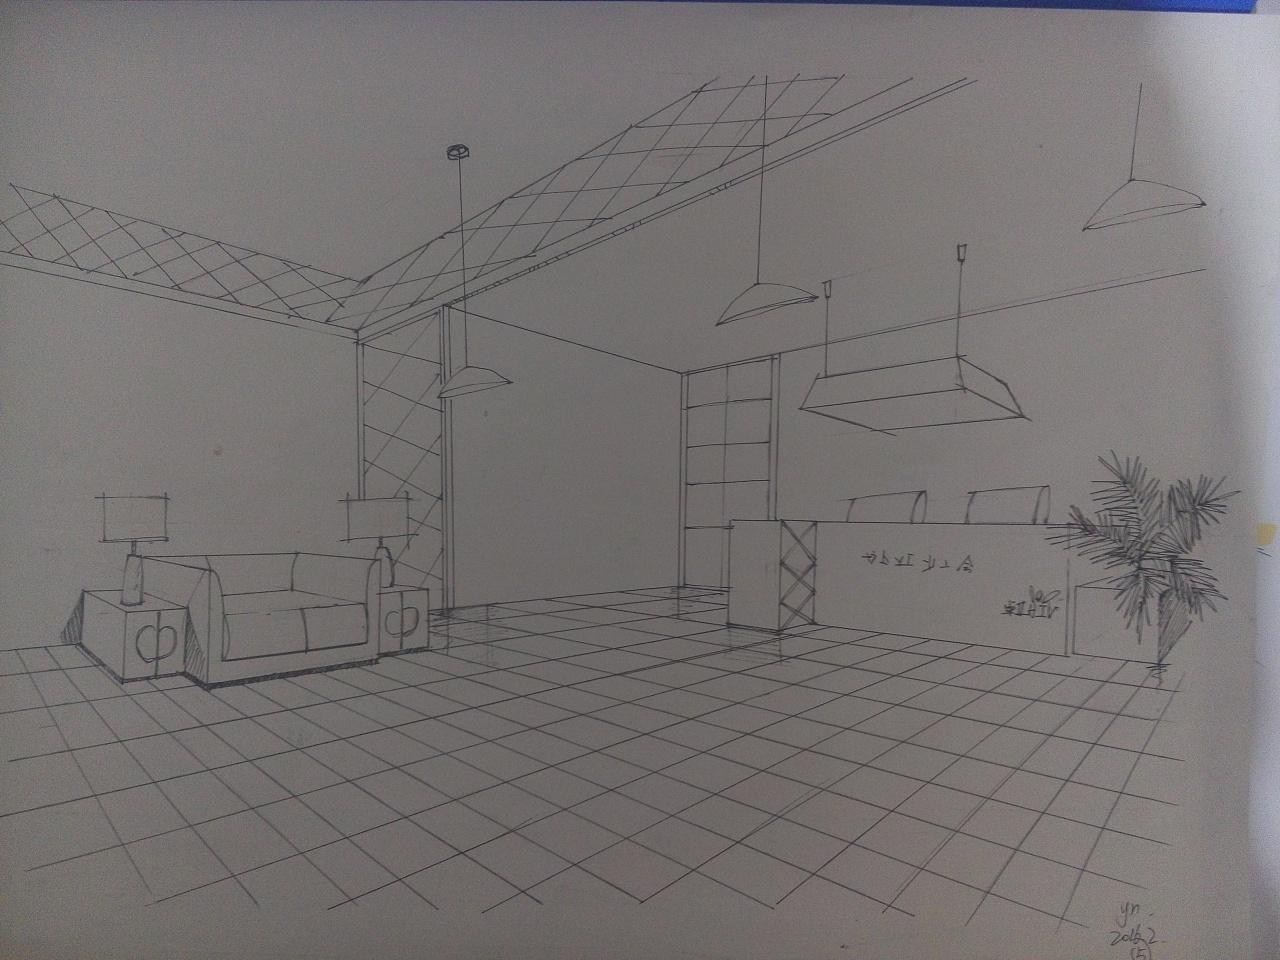 室内手绘练习作品|空间|室内设计|a小鱼 - 原创作品